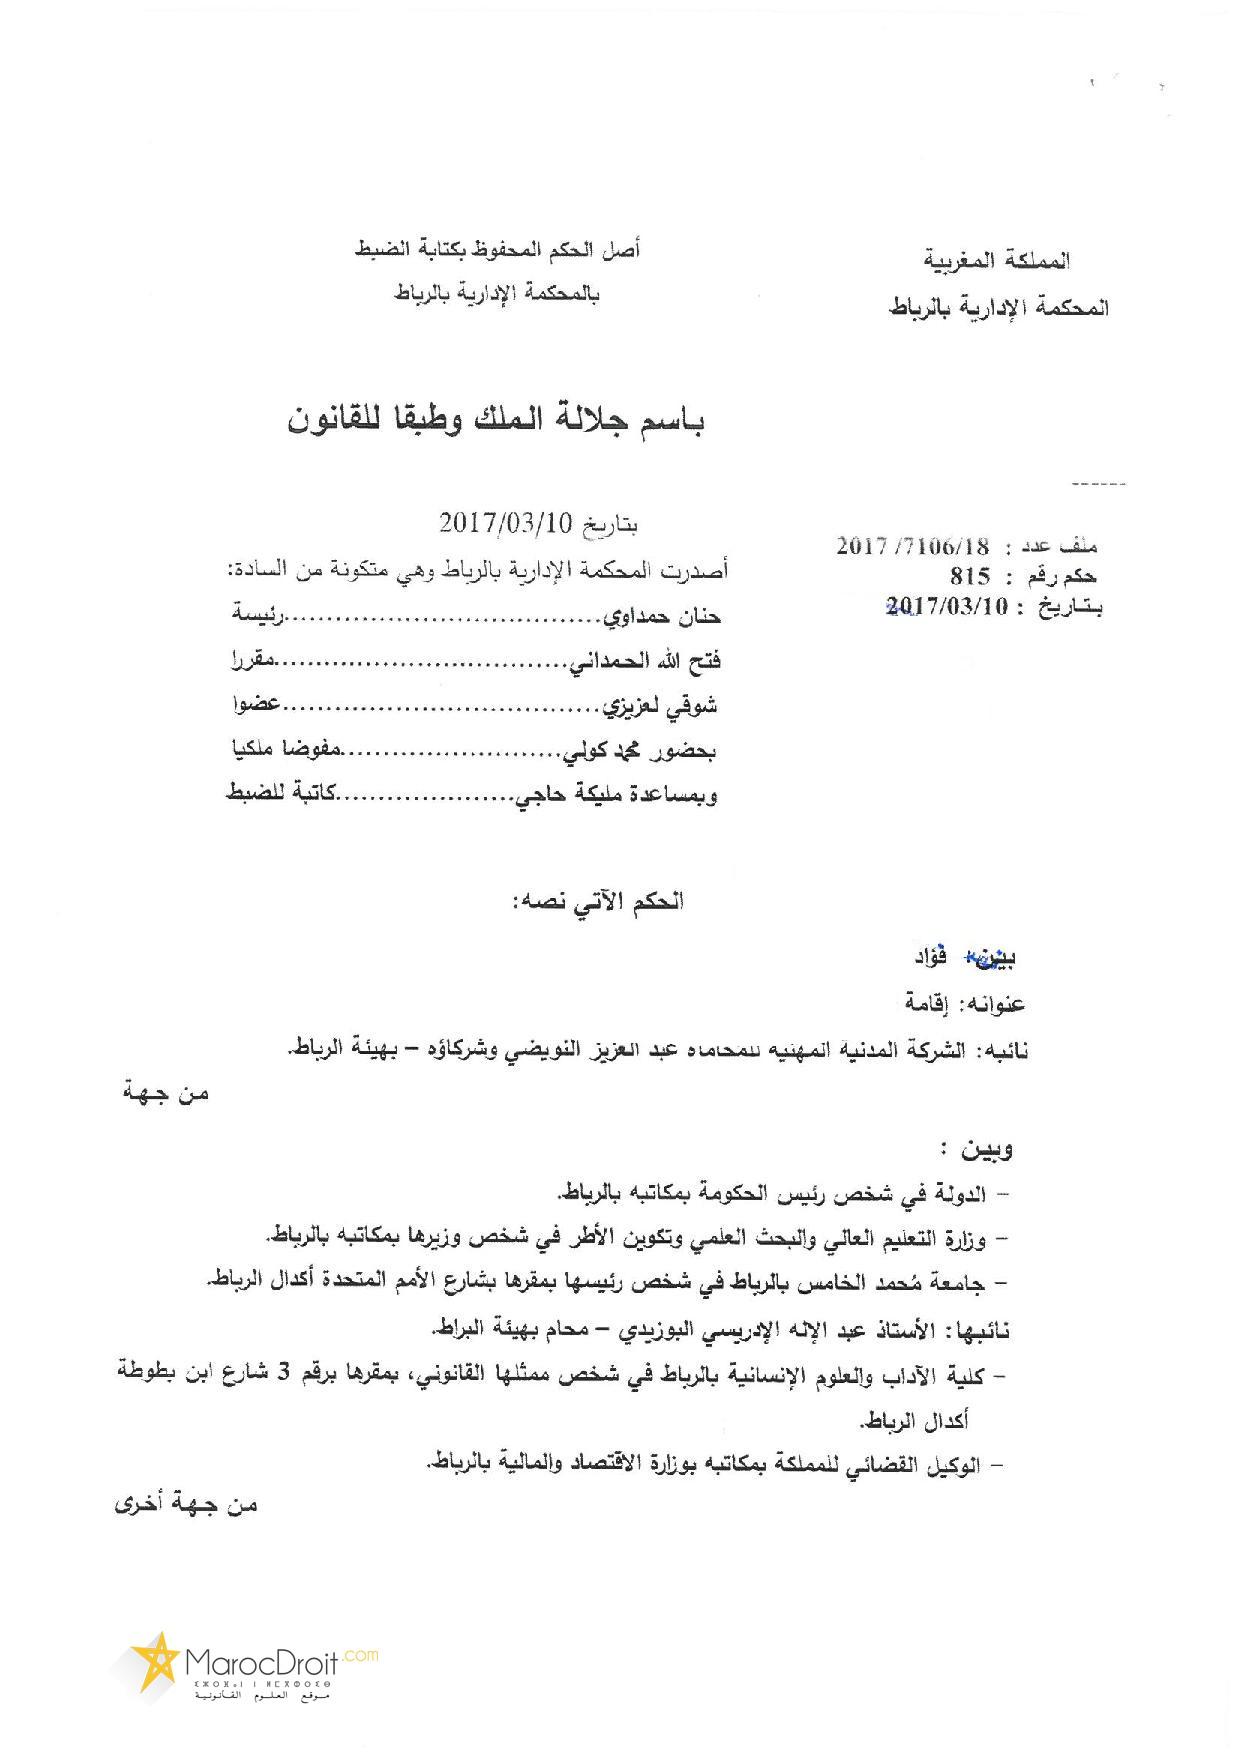 نسخة كاملة من الحكم القضائي القاضي بإيقاف تنفيذ قرار مجلس جامعة محمد الخامس القاضي بفرض رسوم التسجيل بسلك الدكتوراه في مواجهة الطلبة الم